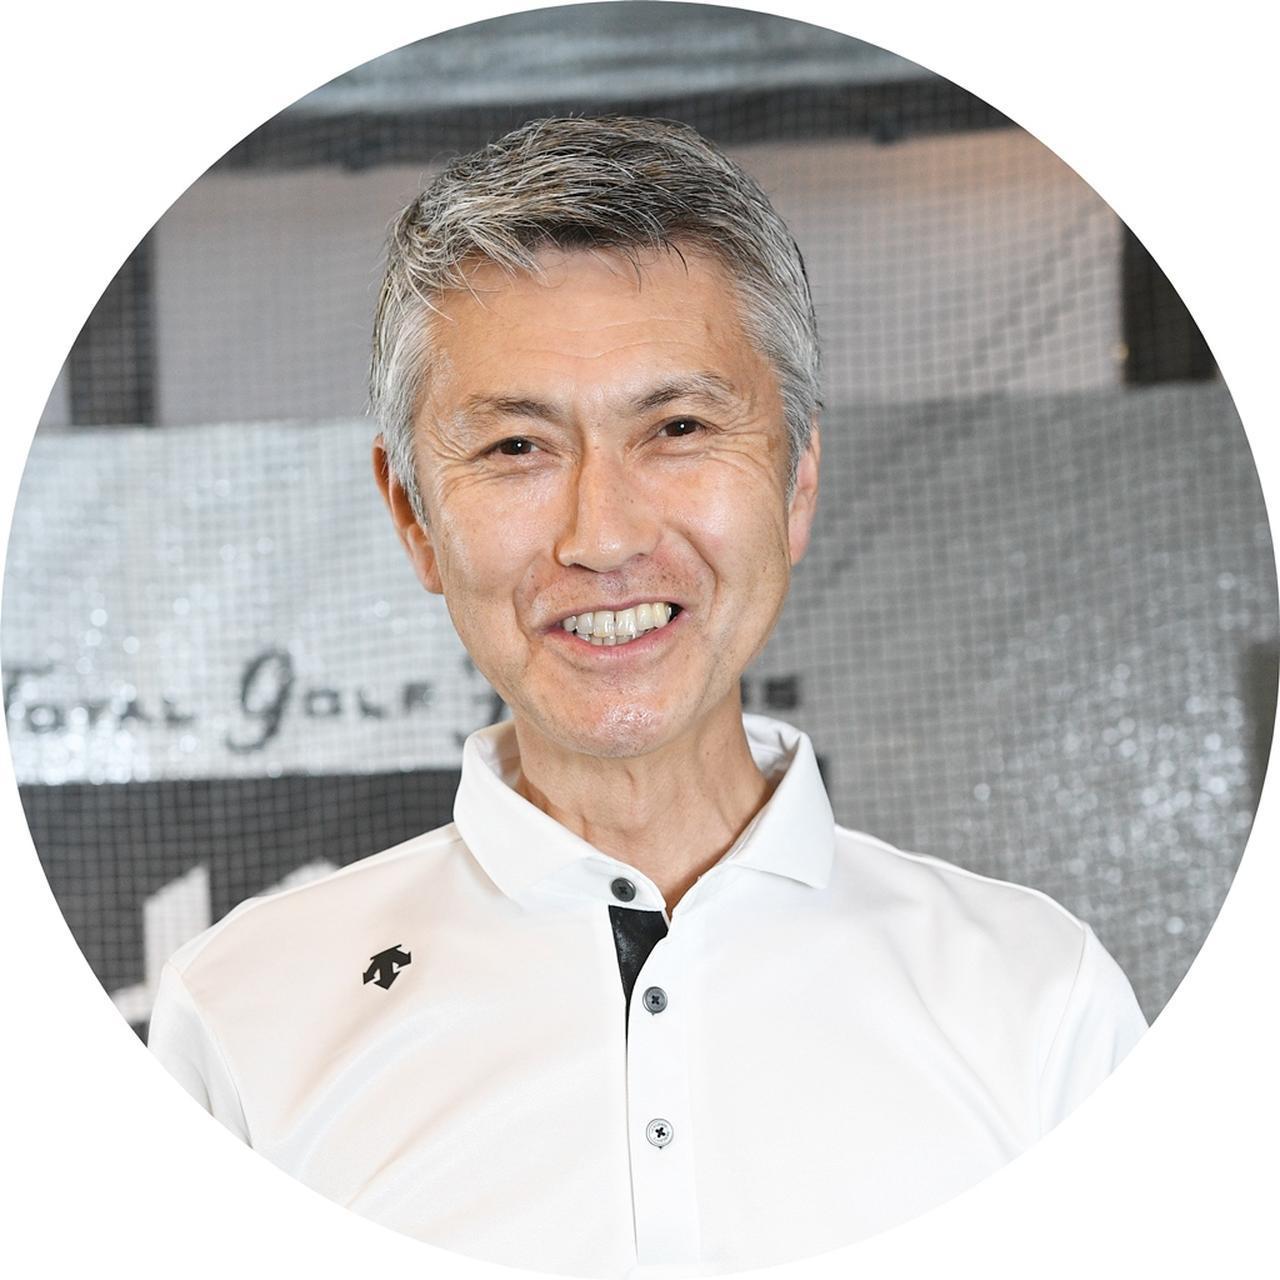 画像: 【教わる人】大河原一義さん 63歳/ゴルフ歴35年 平均スコア89